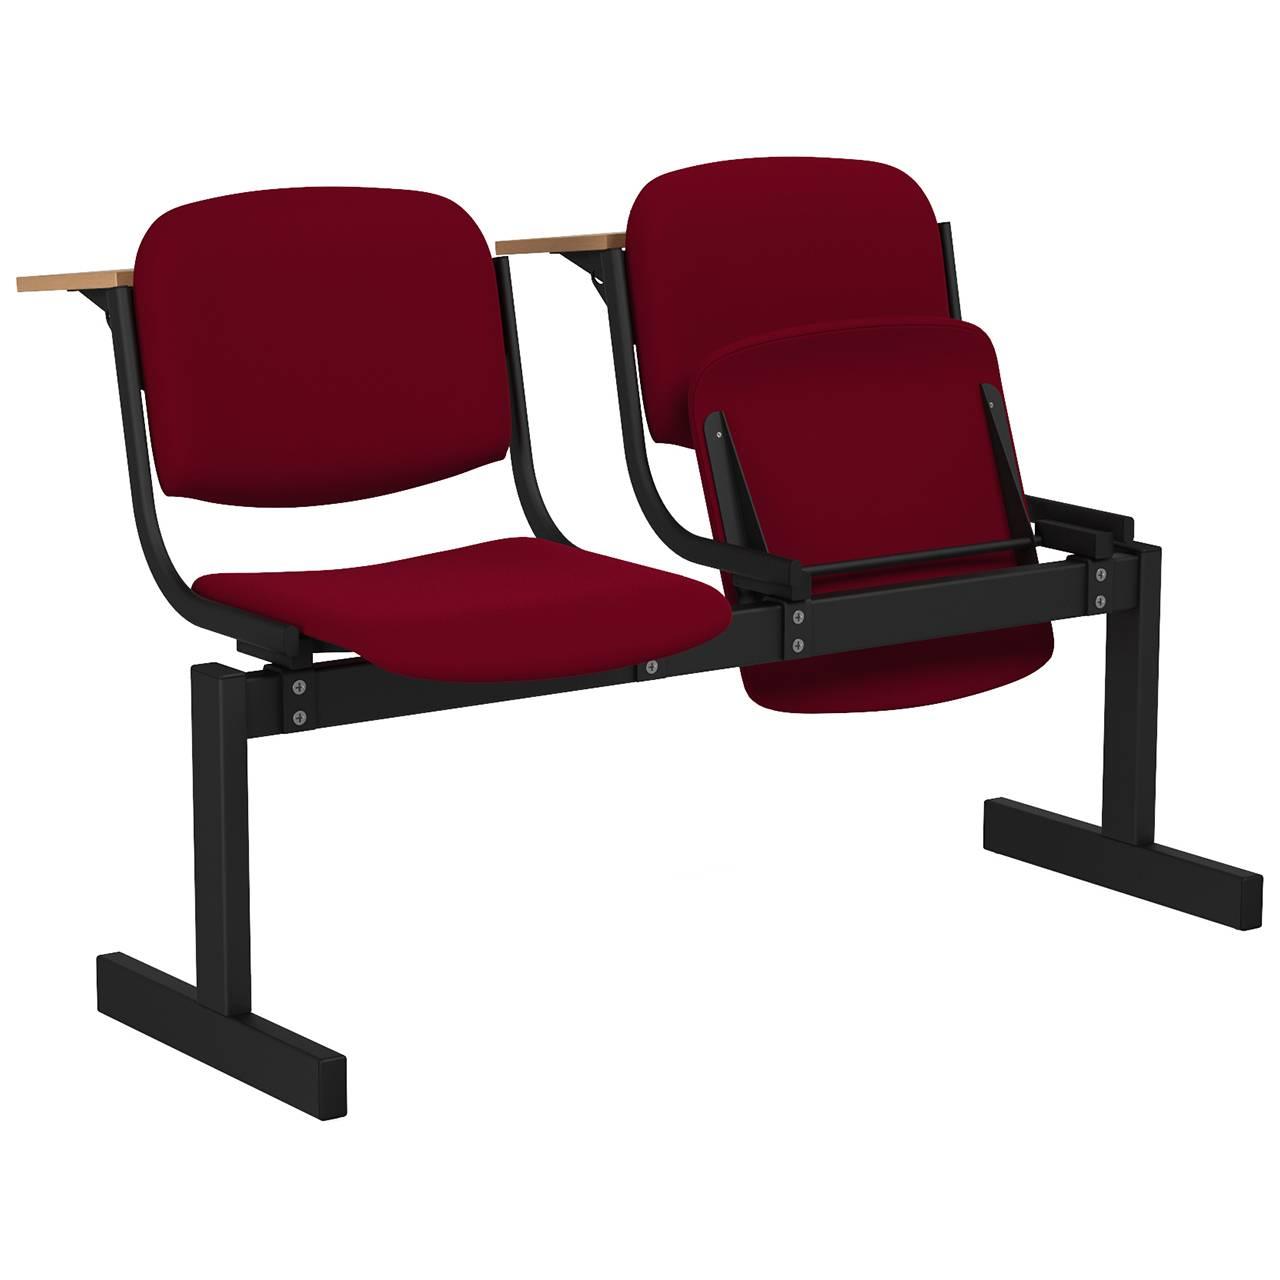 2-местный, откидывающиеся сиденья, мягкий, лекционный черный бордо Флок